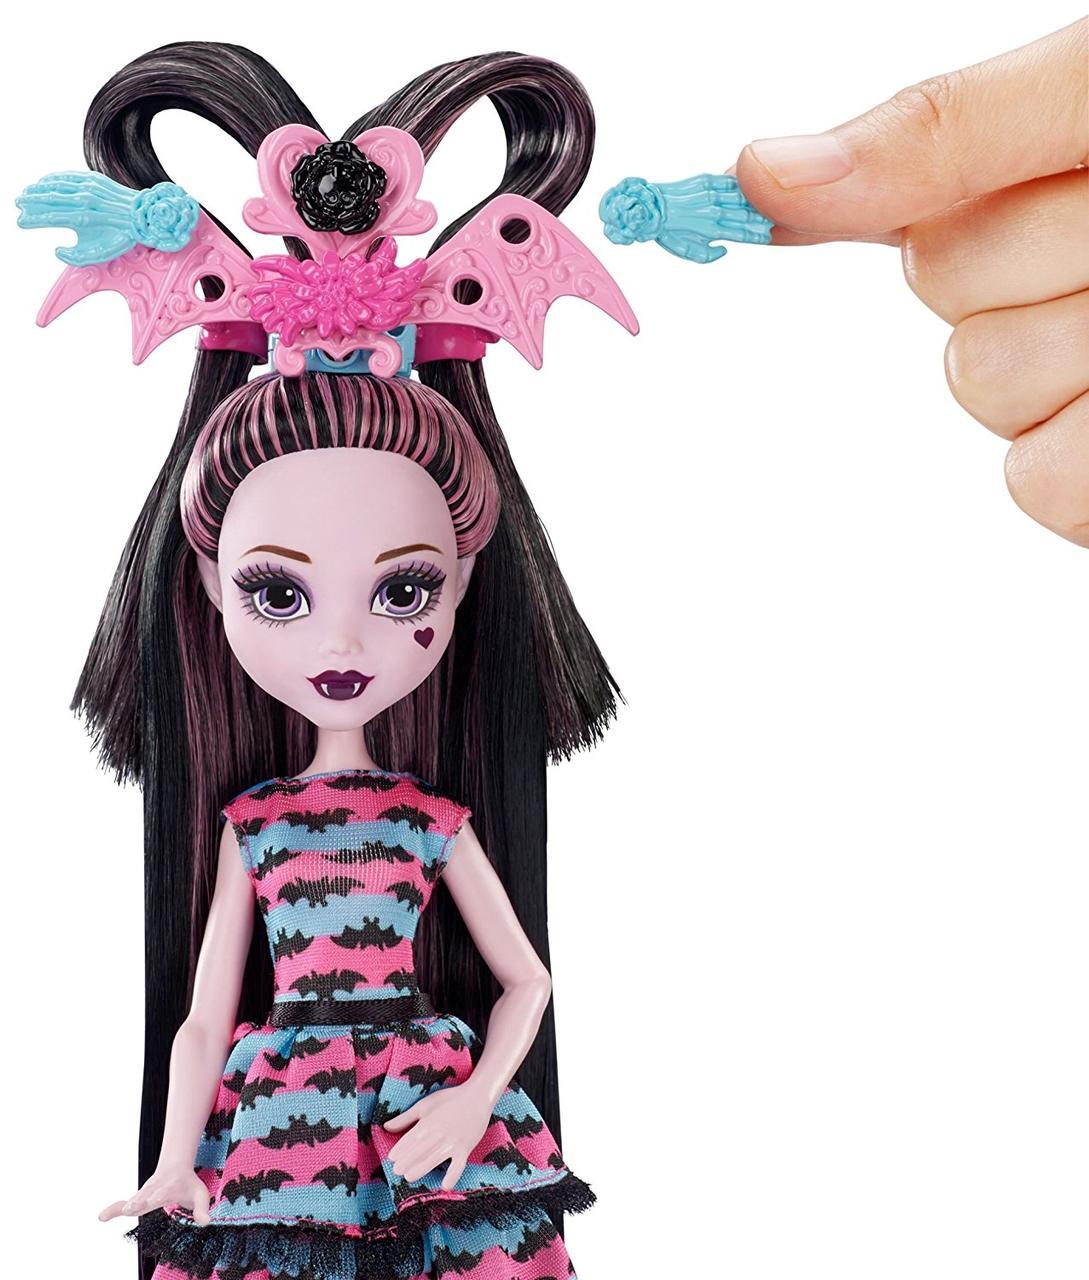 Кукла Монстер Хай Дракулаура Вечеринка причесок Стильные прически Monster High Girls Party Hair Draculaura